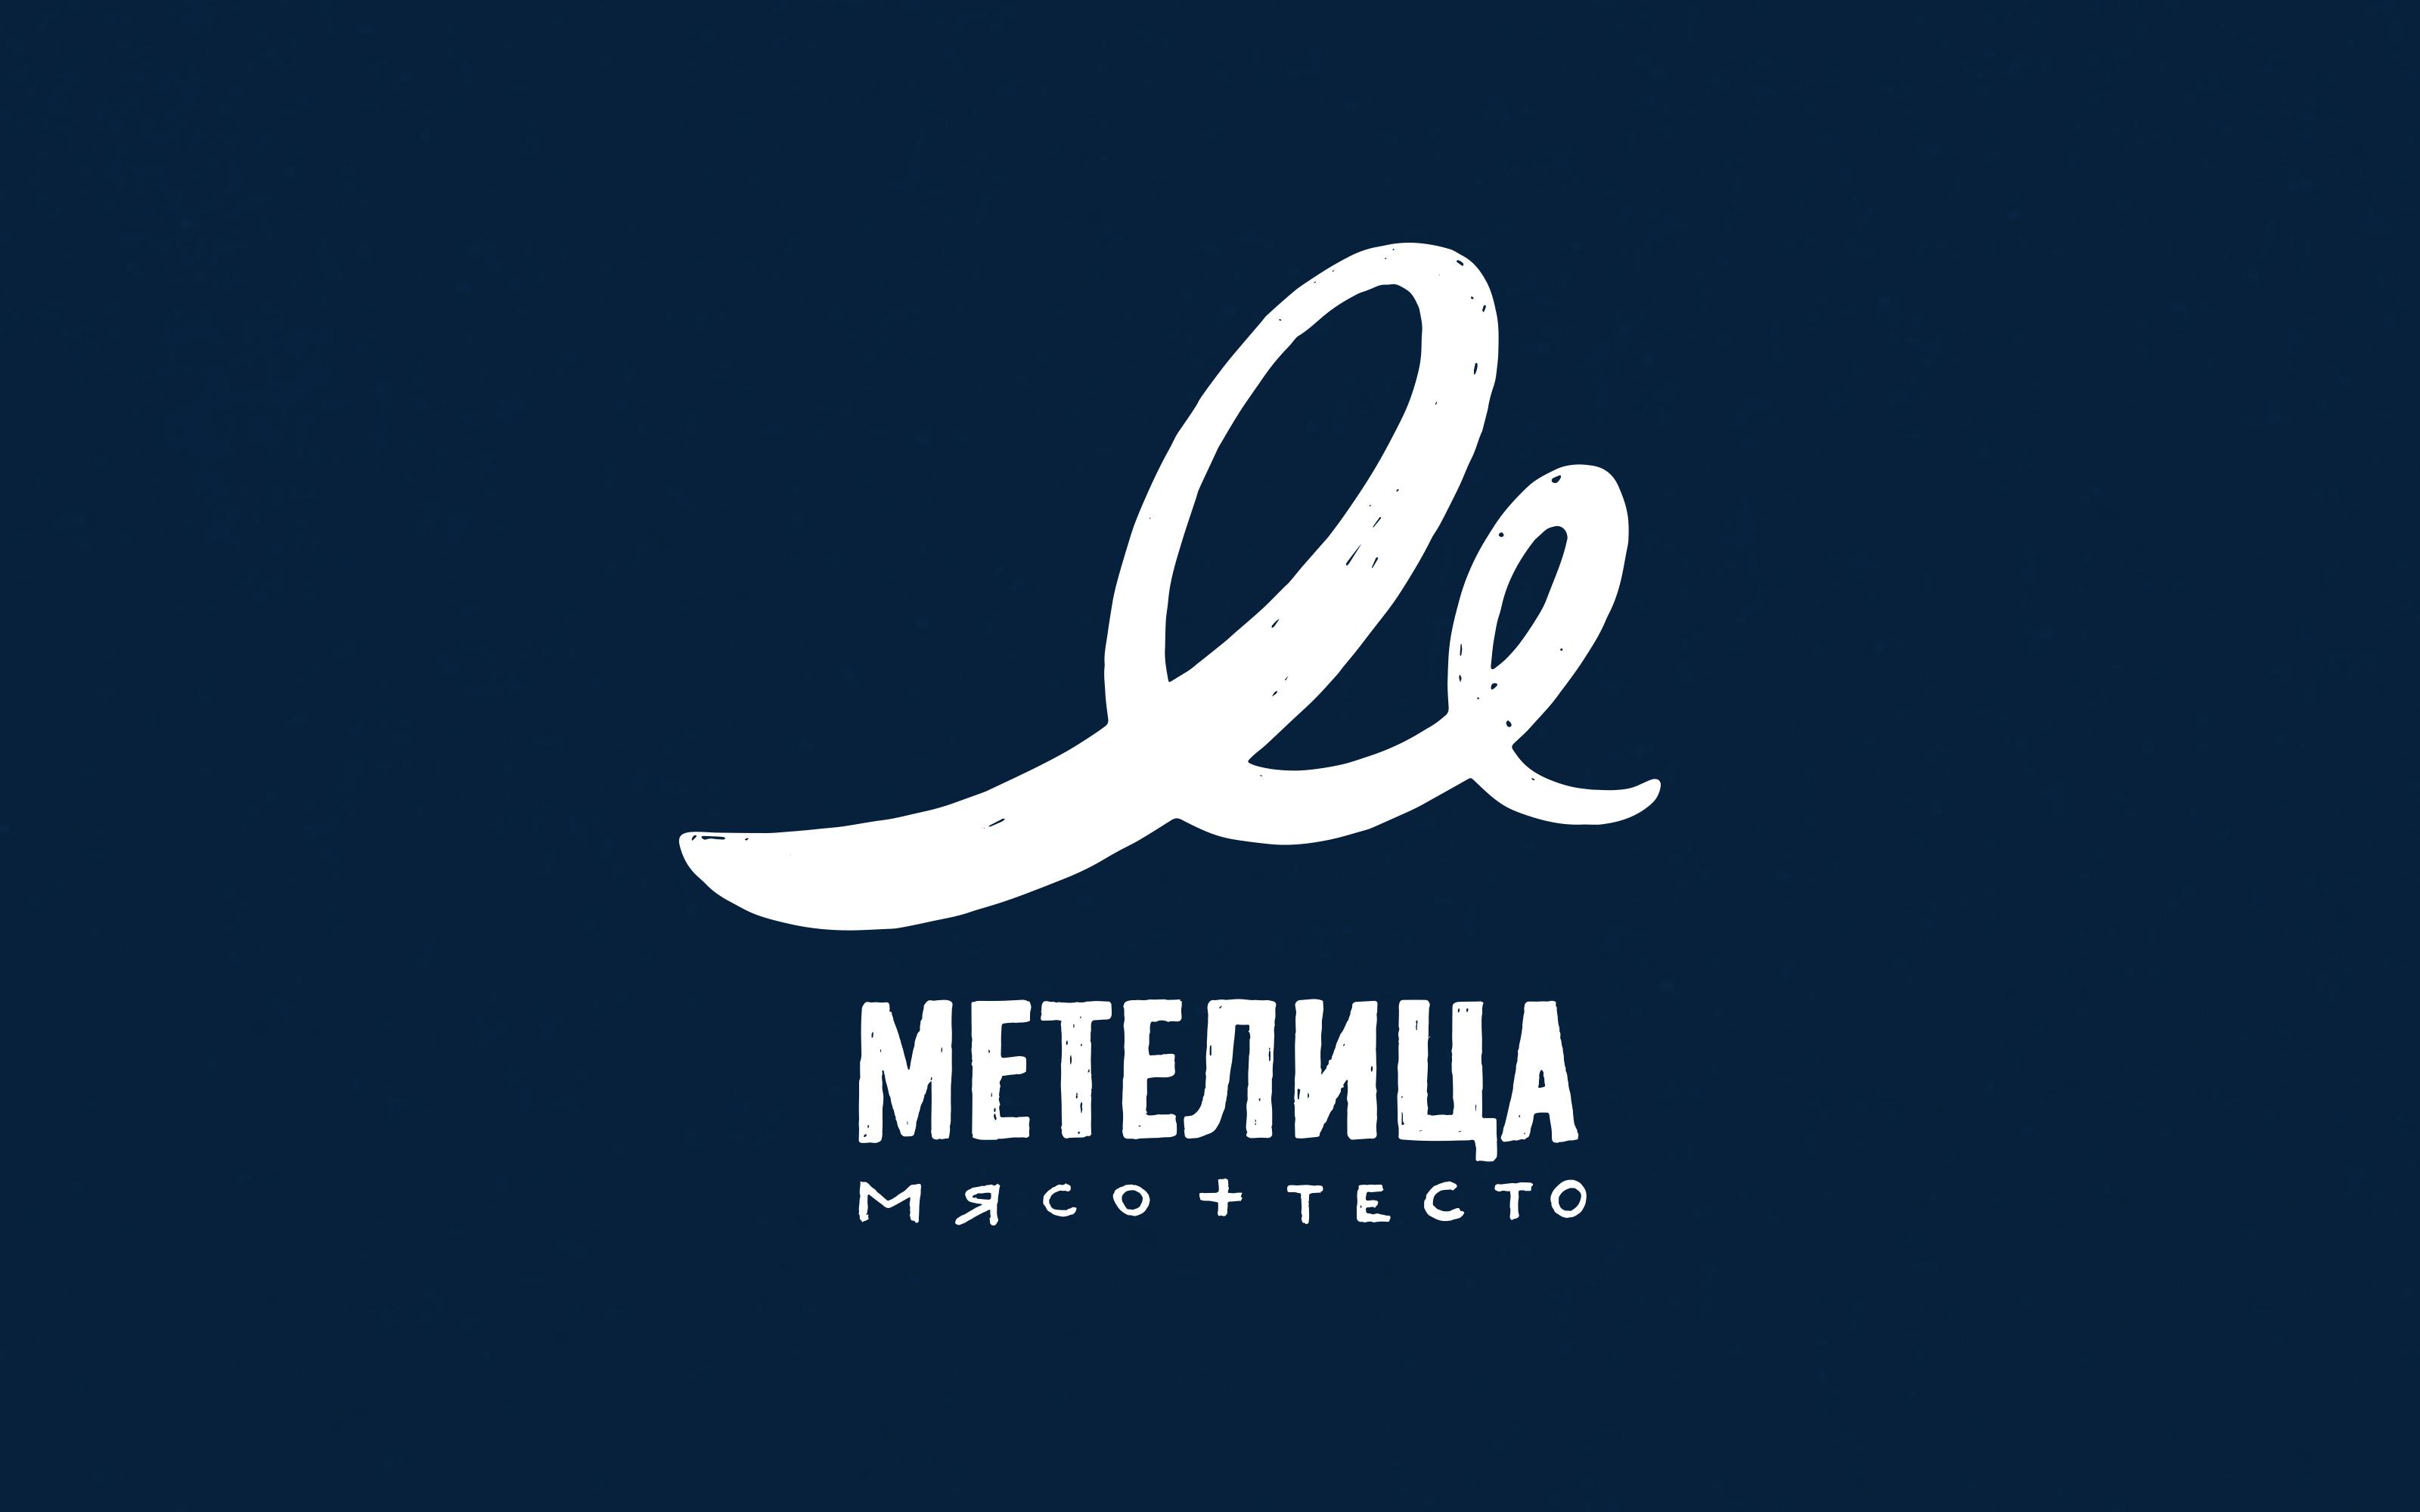 """Ручная графика – дизайн логотипа для бренда пельменей ручной лепки """"Метелица"""" от Мухина Дизайн (Muhina Design)"""